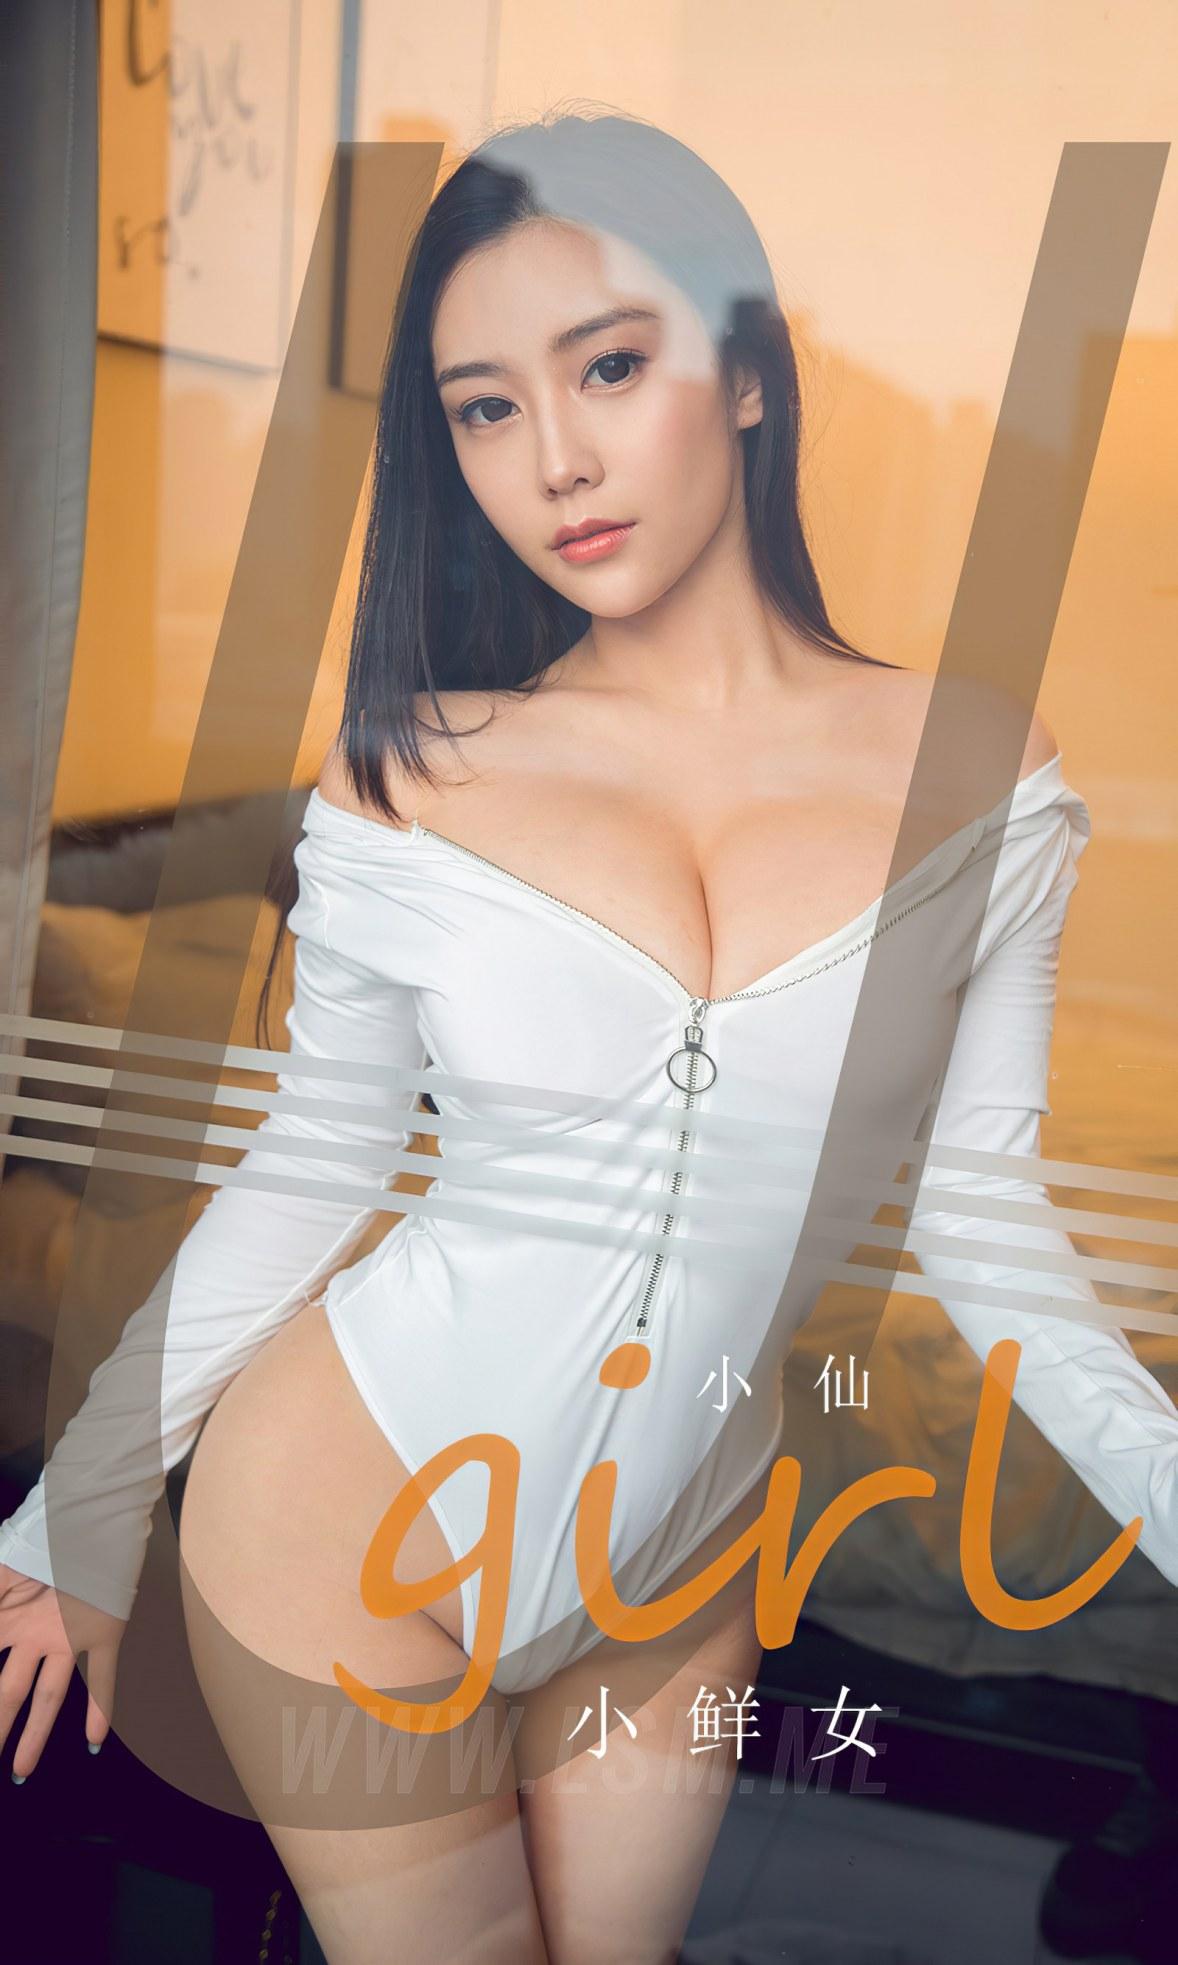 UGirls 爱尤物 No.1764 小仙 小鲜女 - 1